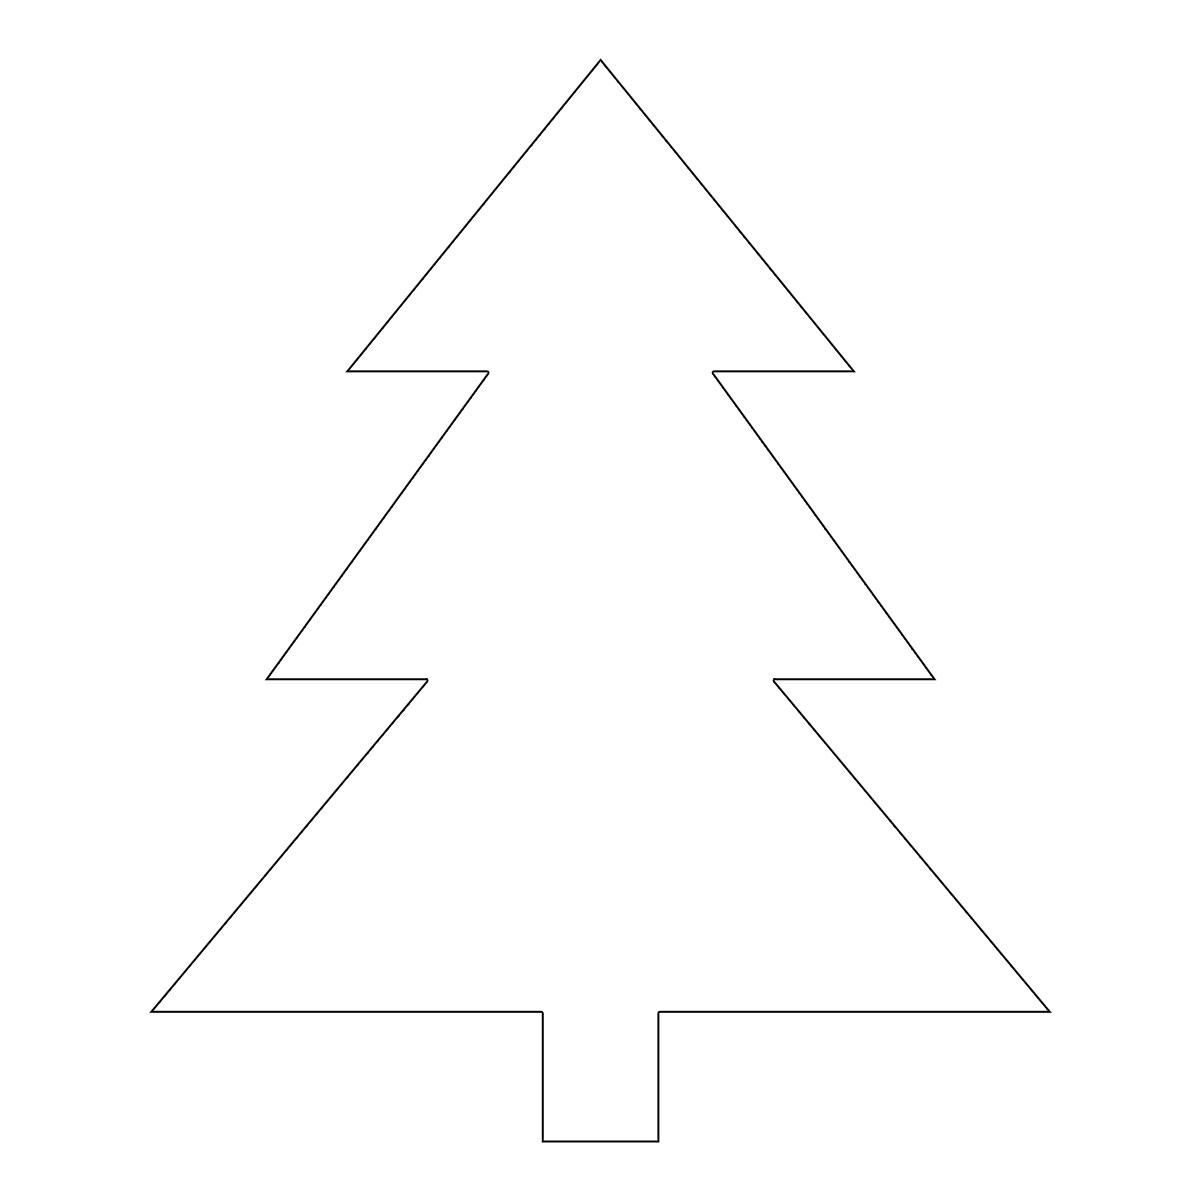 Immagini Di Alberi Di Natale Da Colorare E Stampare.Albero Di Natale Disegni Da Scaricare Stampare E Colorare